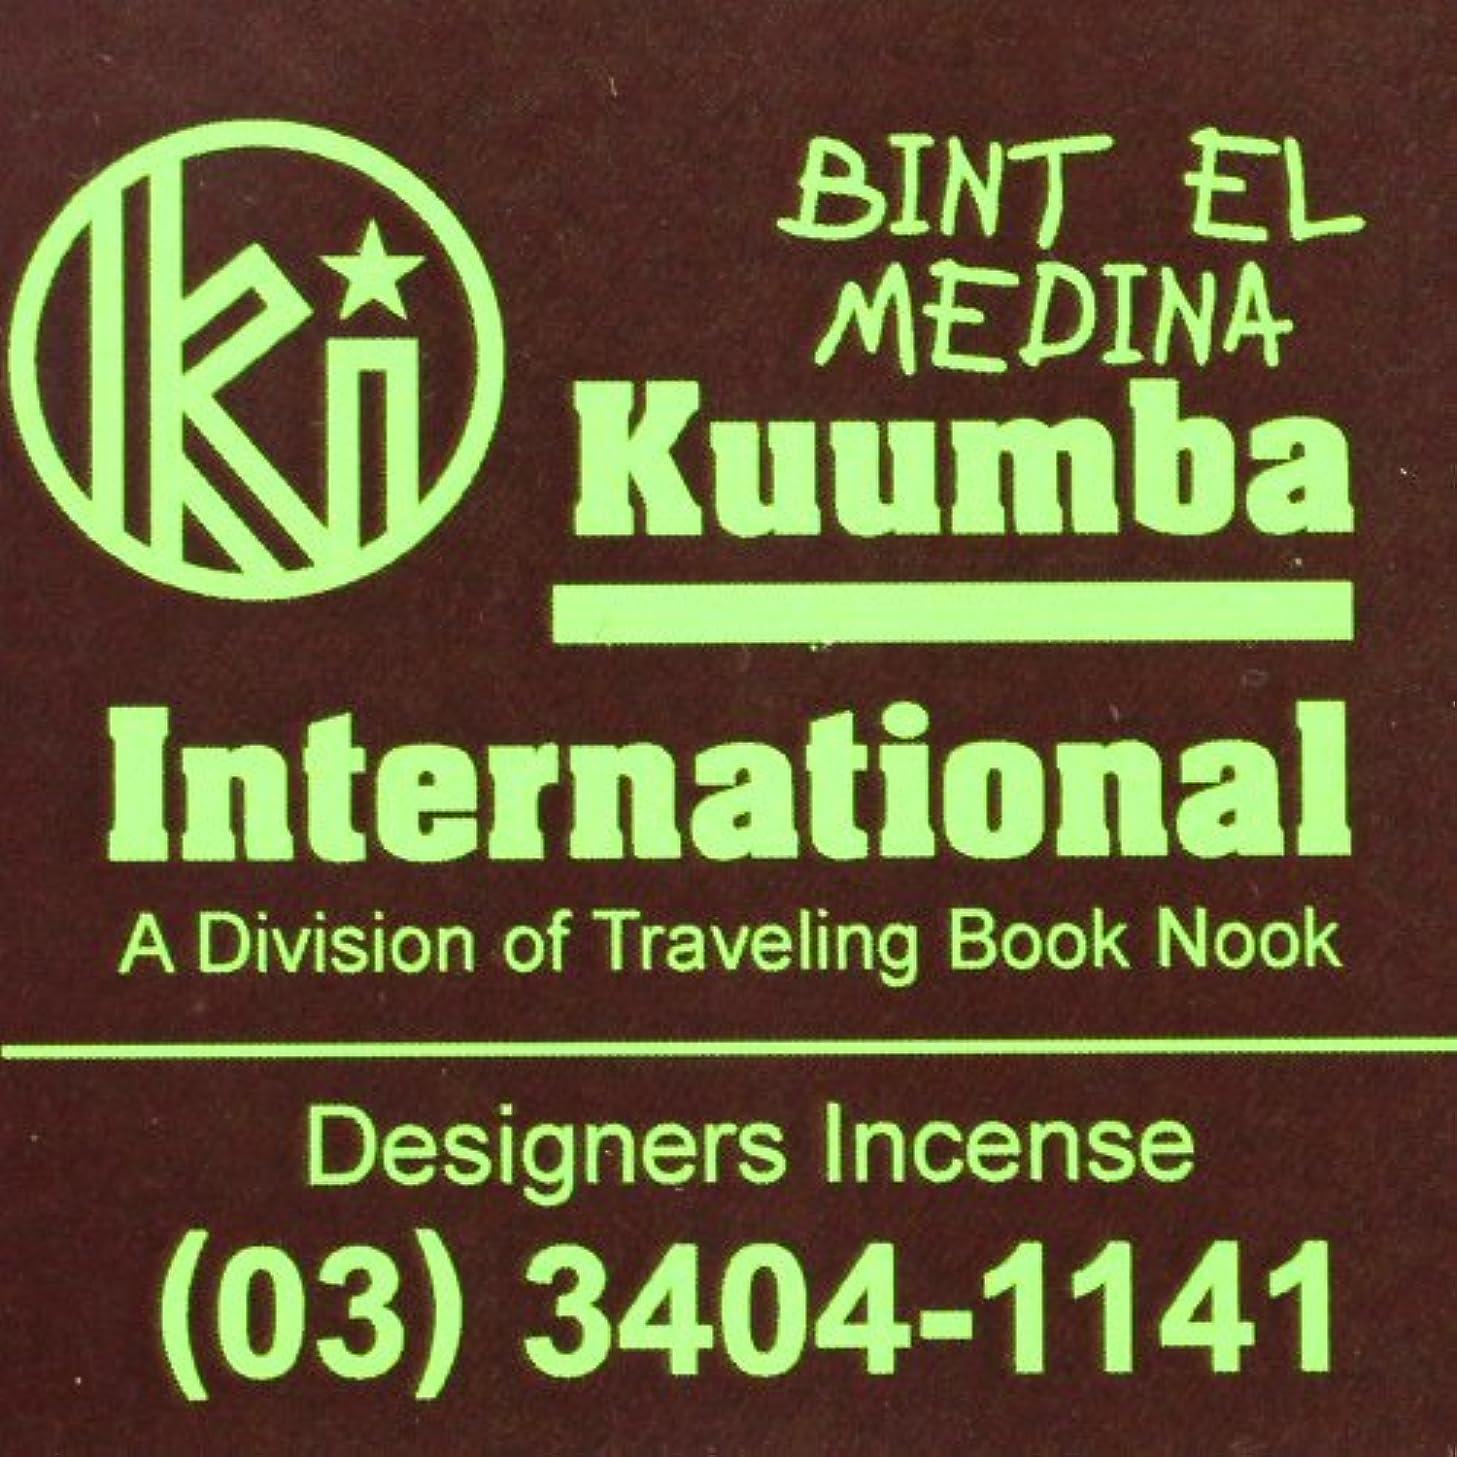 漏れ展示会死にかけている(クンバ) KUUMBA『classic regular incense』(BINT EL MEDINA) (Regular size)